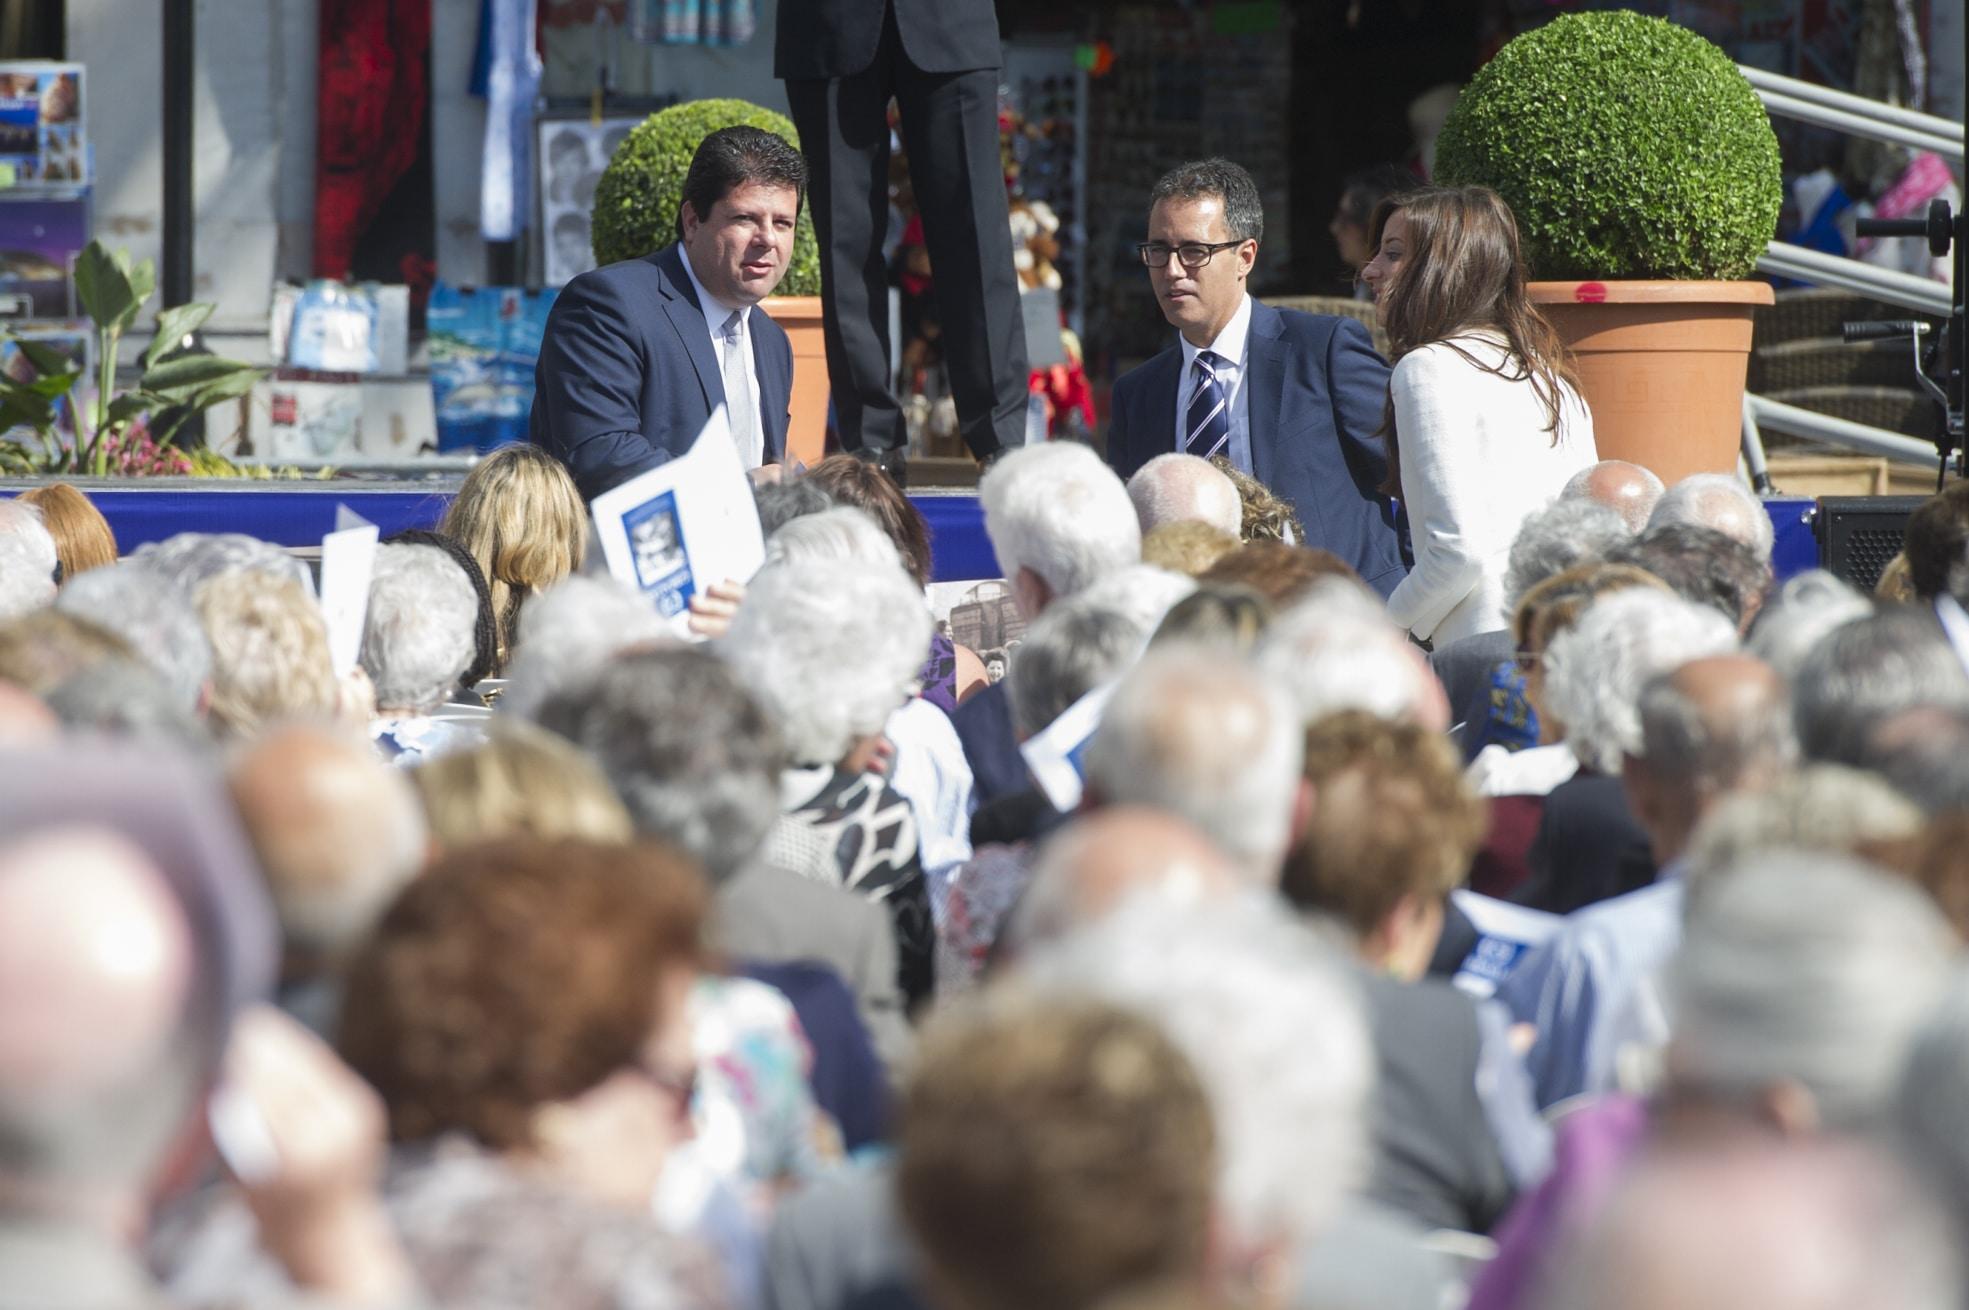 ceremonia-75-anos-evacuacion-gibraltar-22052015-08_17372613394_o